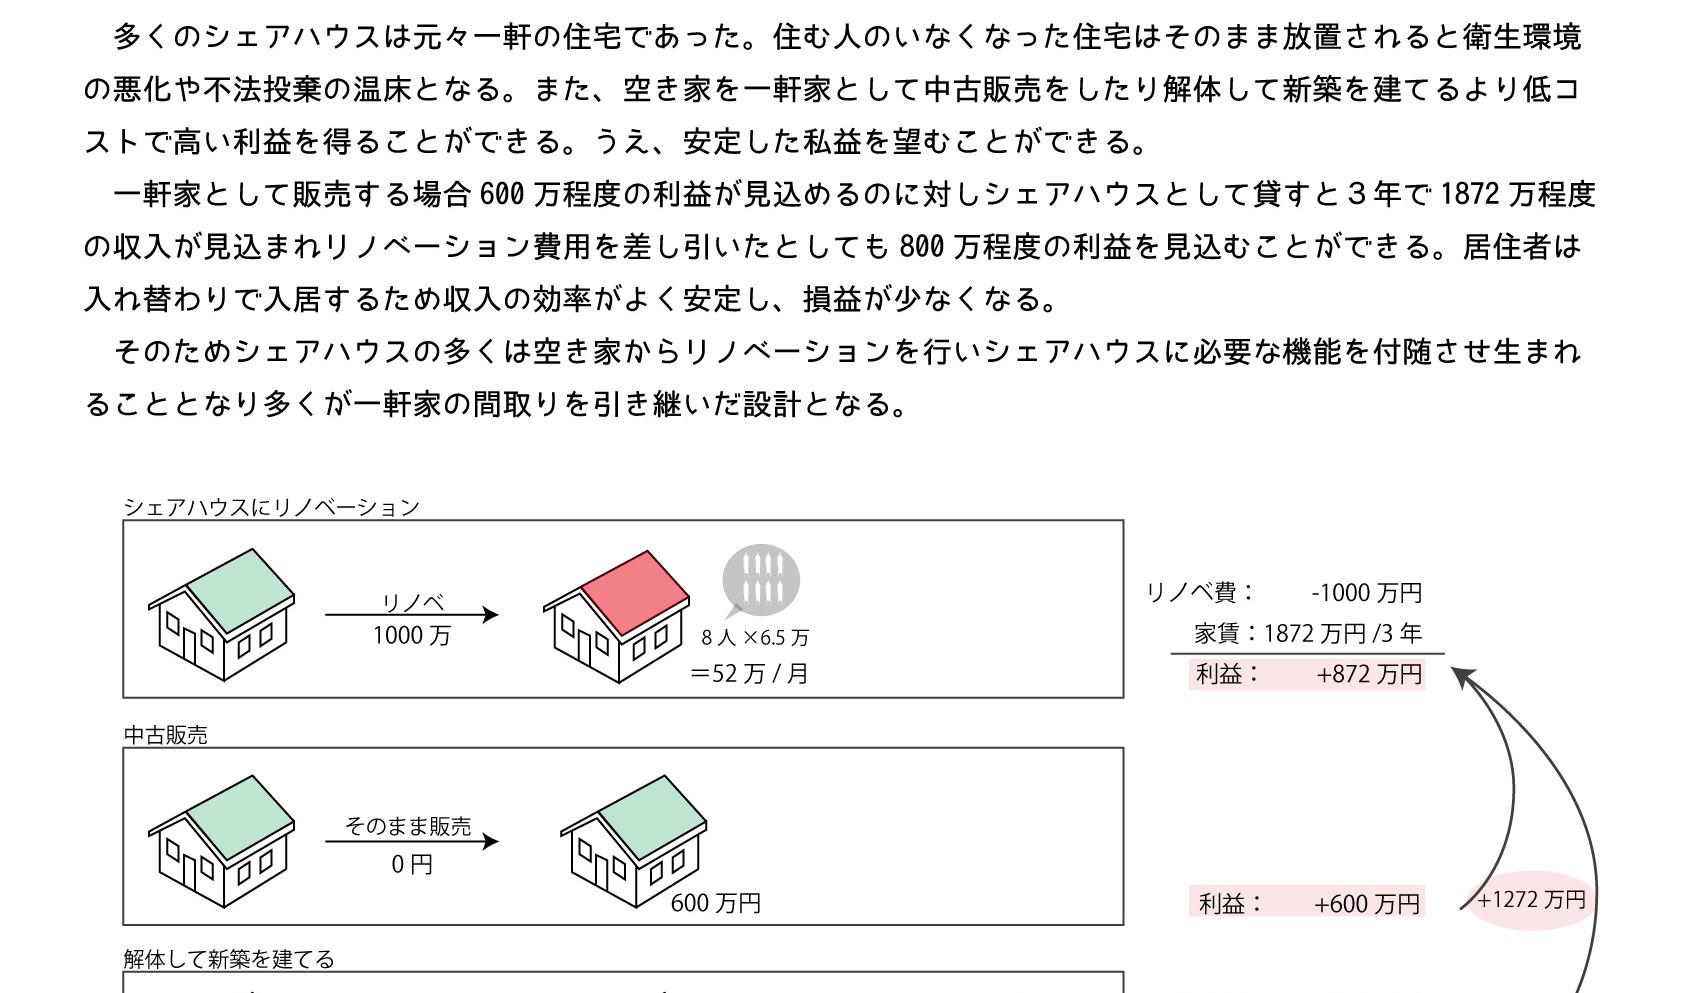 高巣文里_18.jpg